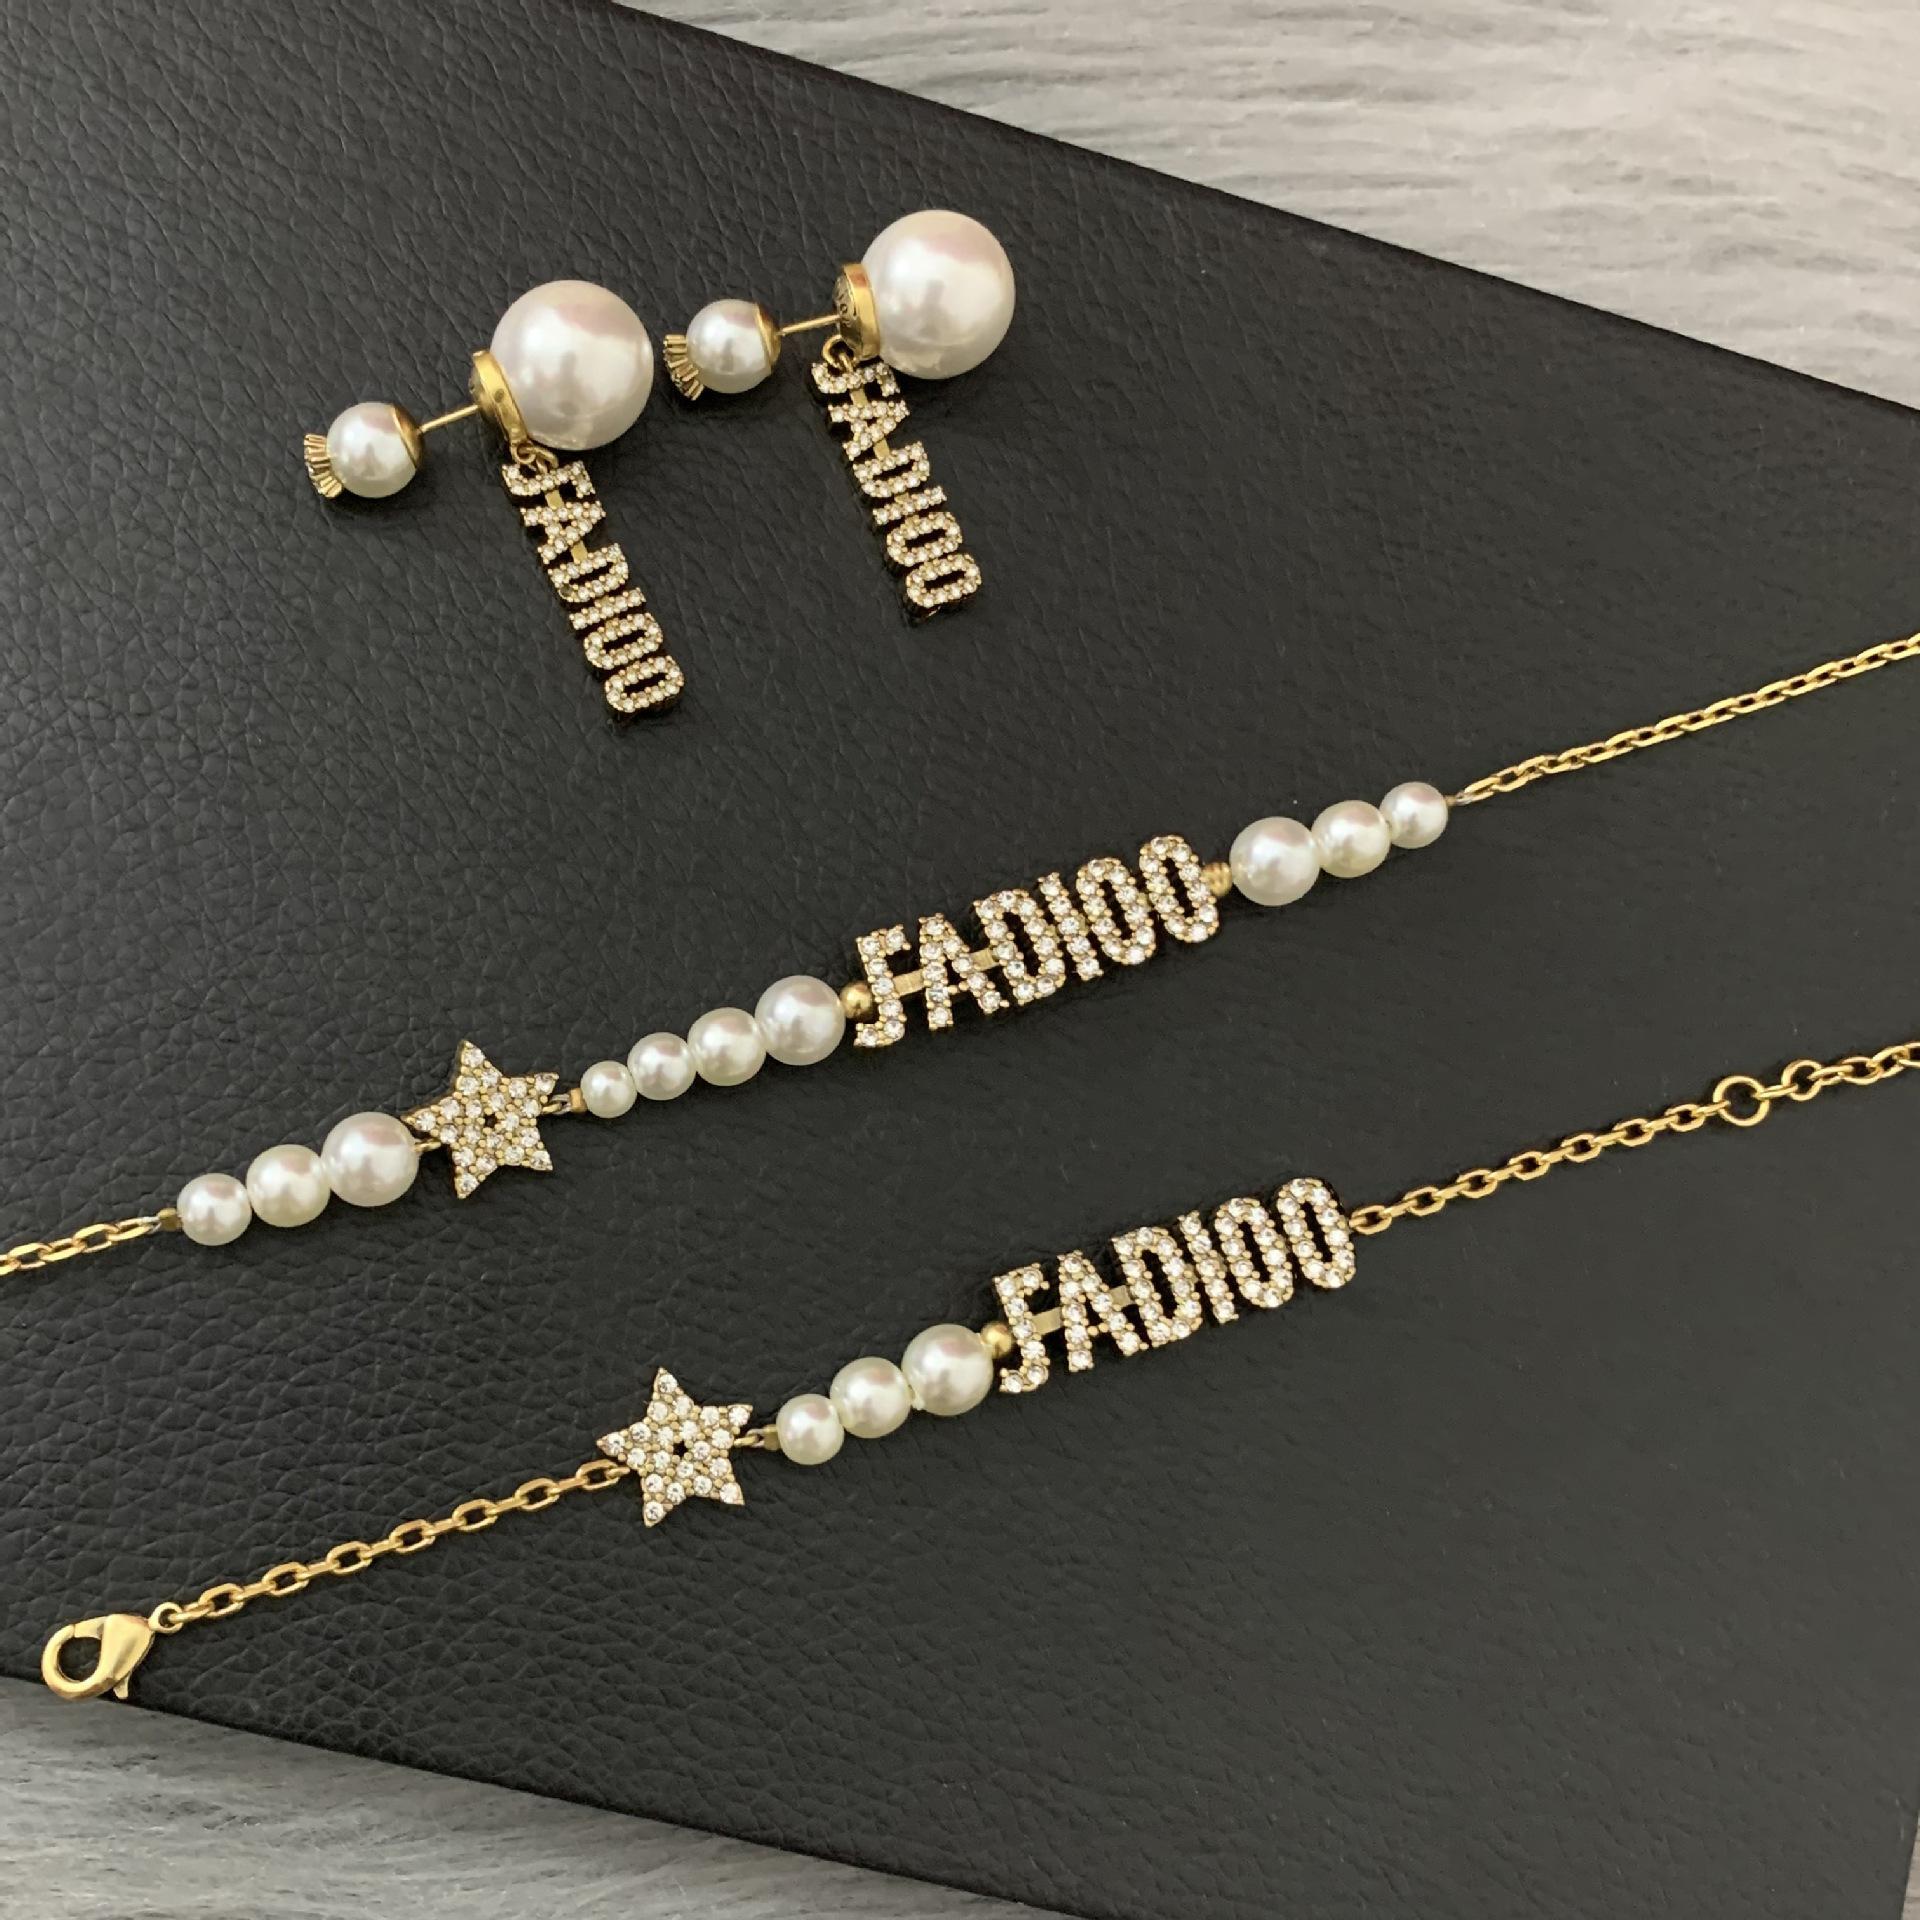 D Nuova lettera orecchini perla femminile dijia internet celebrity stella lettera collana versione alta versione Braccialetto